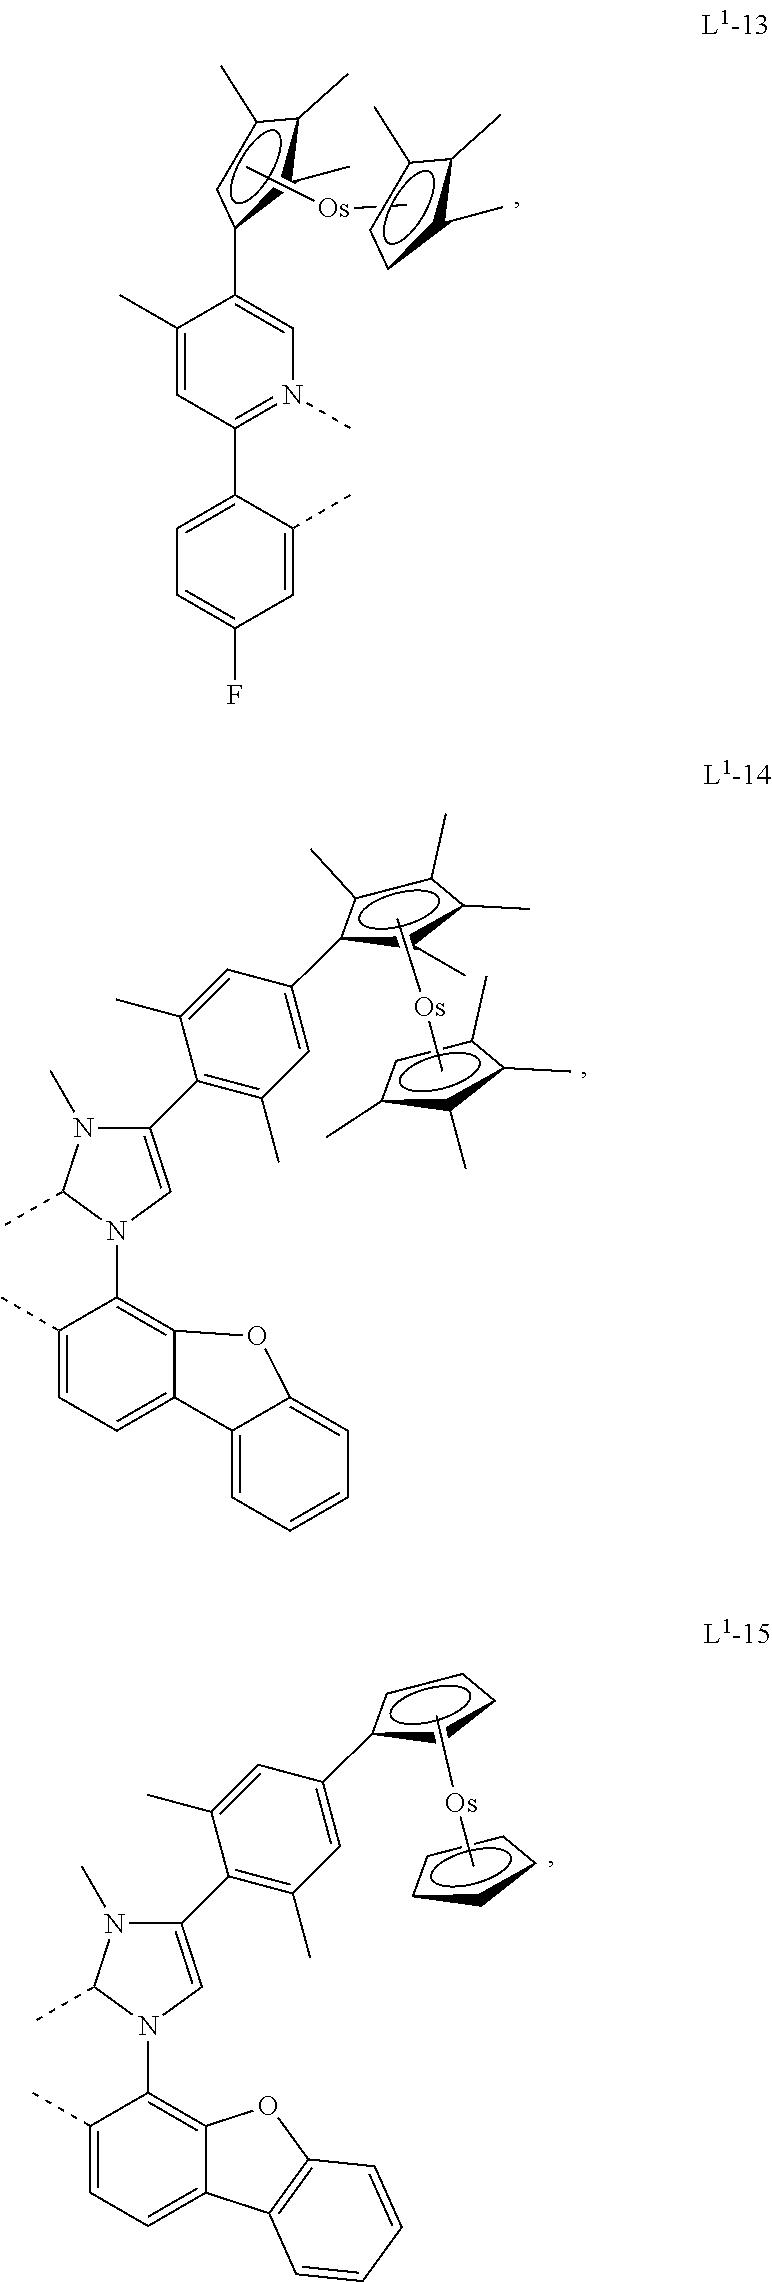 Figure US09450195-20160920-C00015